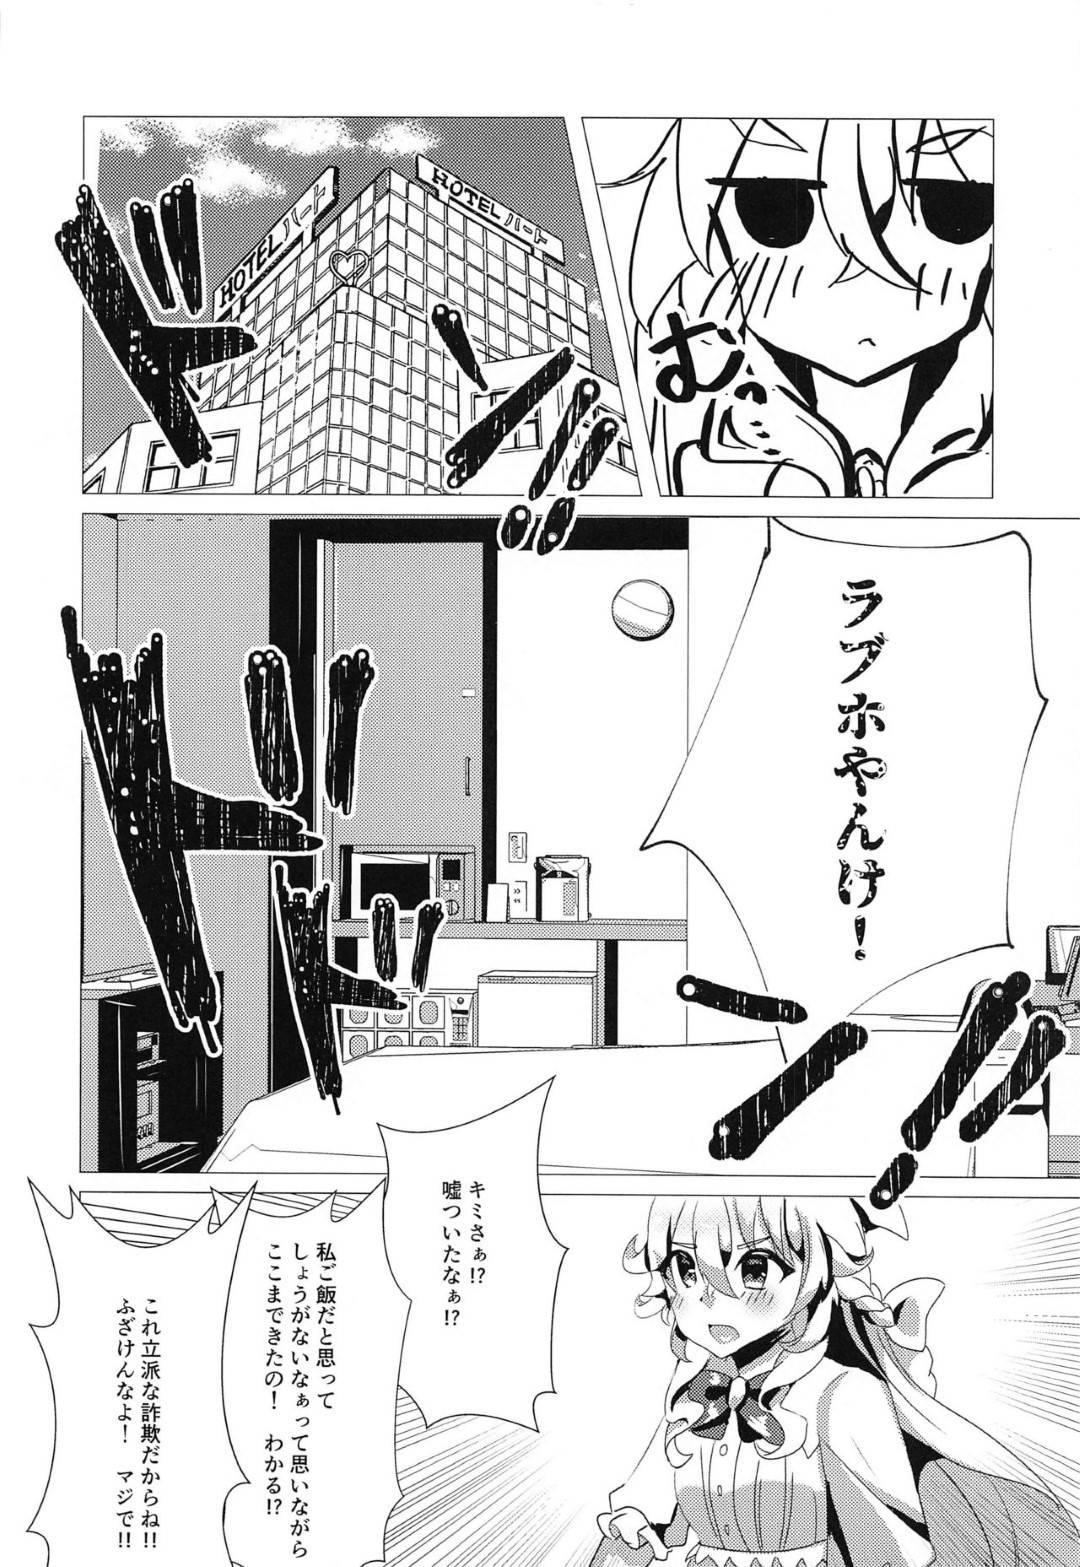 【御伽原エロ漫画】モブおじさんにラブホに連れ込まれた江良は、反抗的な態度を取るも中出しセックスで犯されアクメする【芦部はづき】